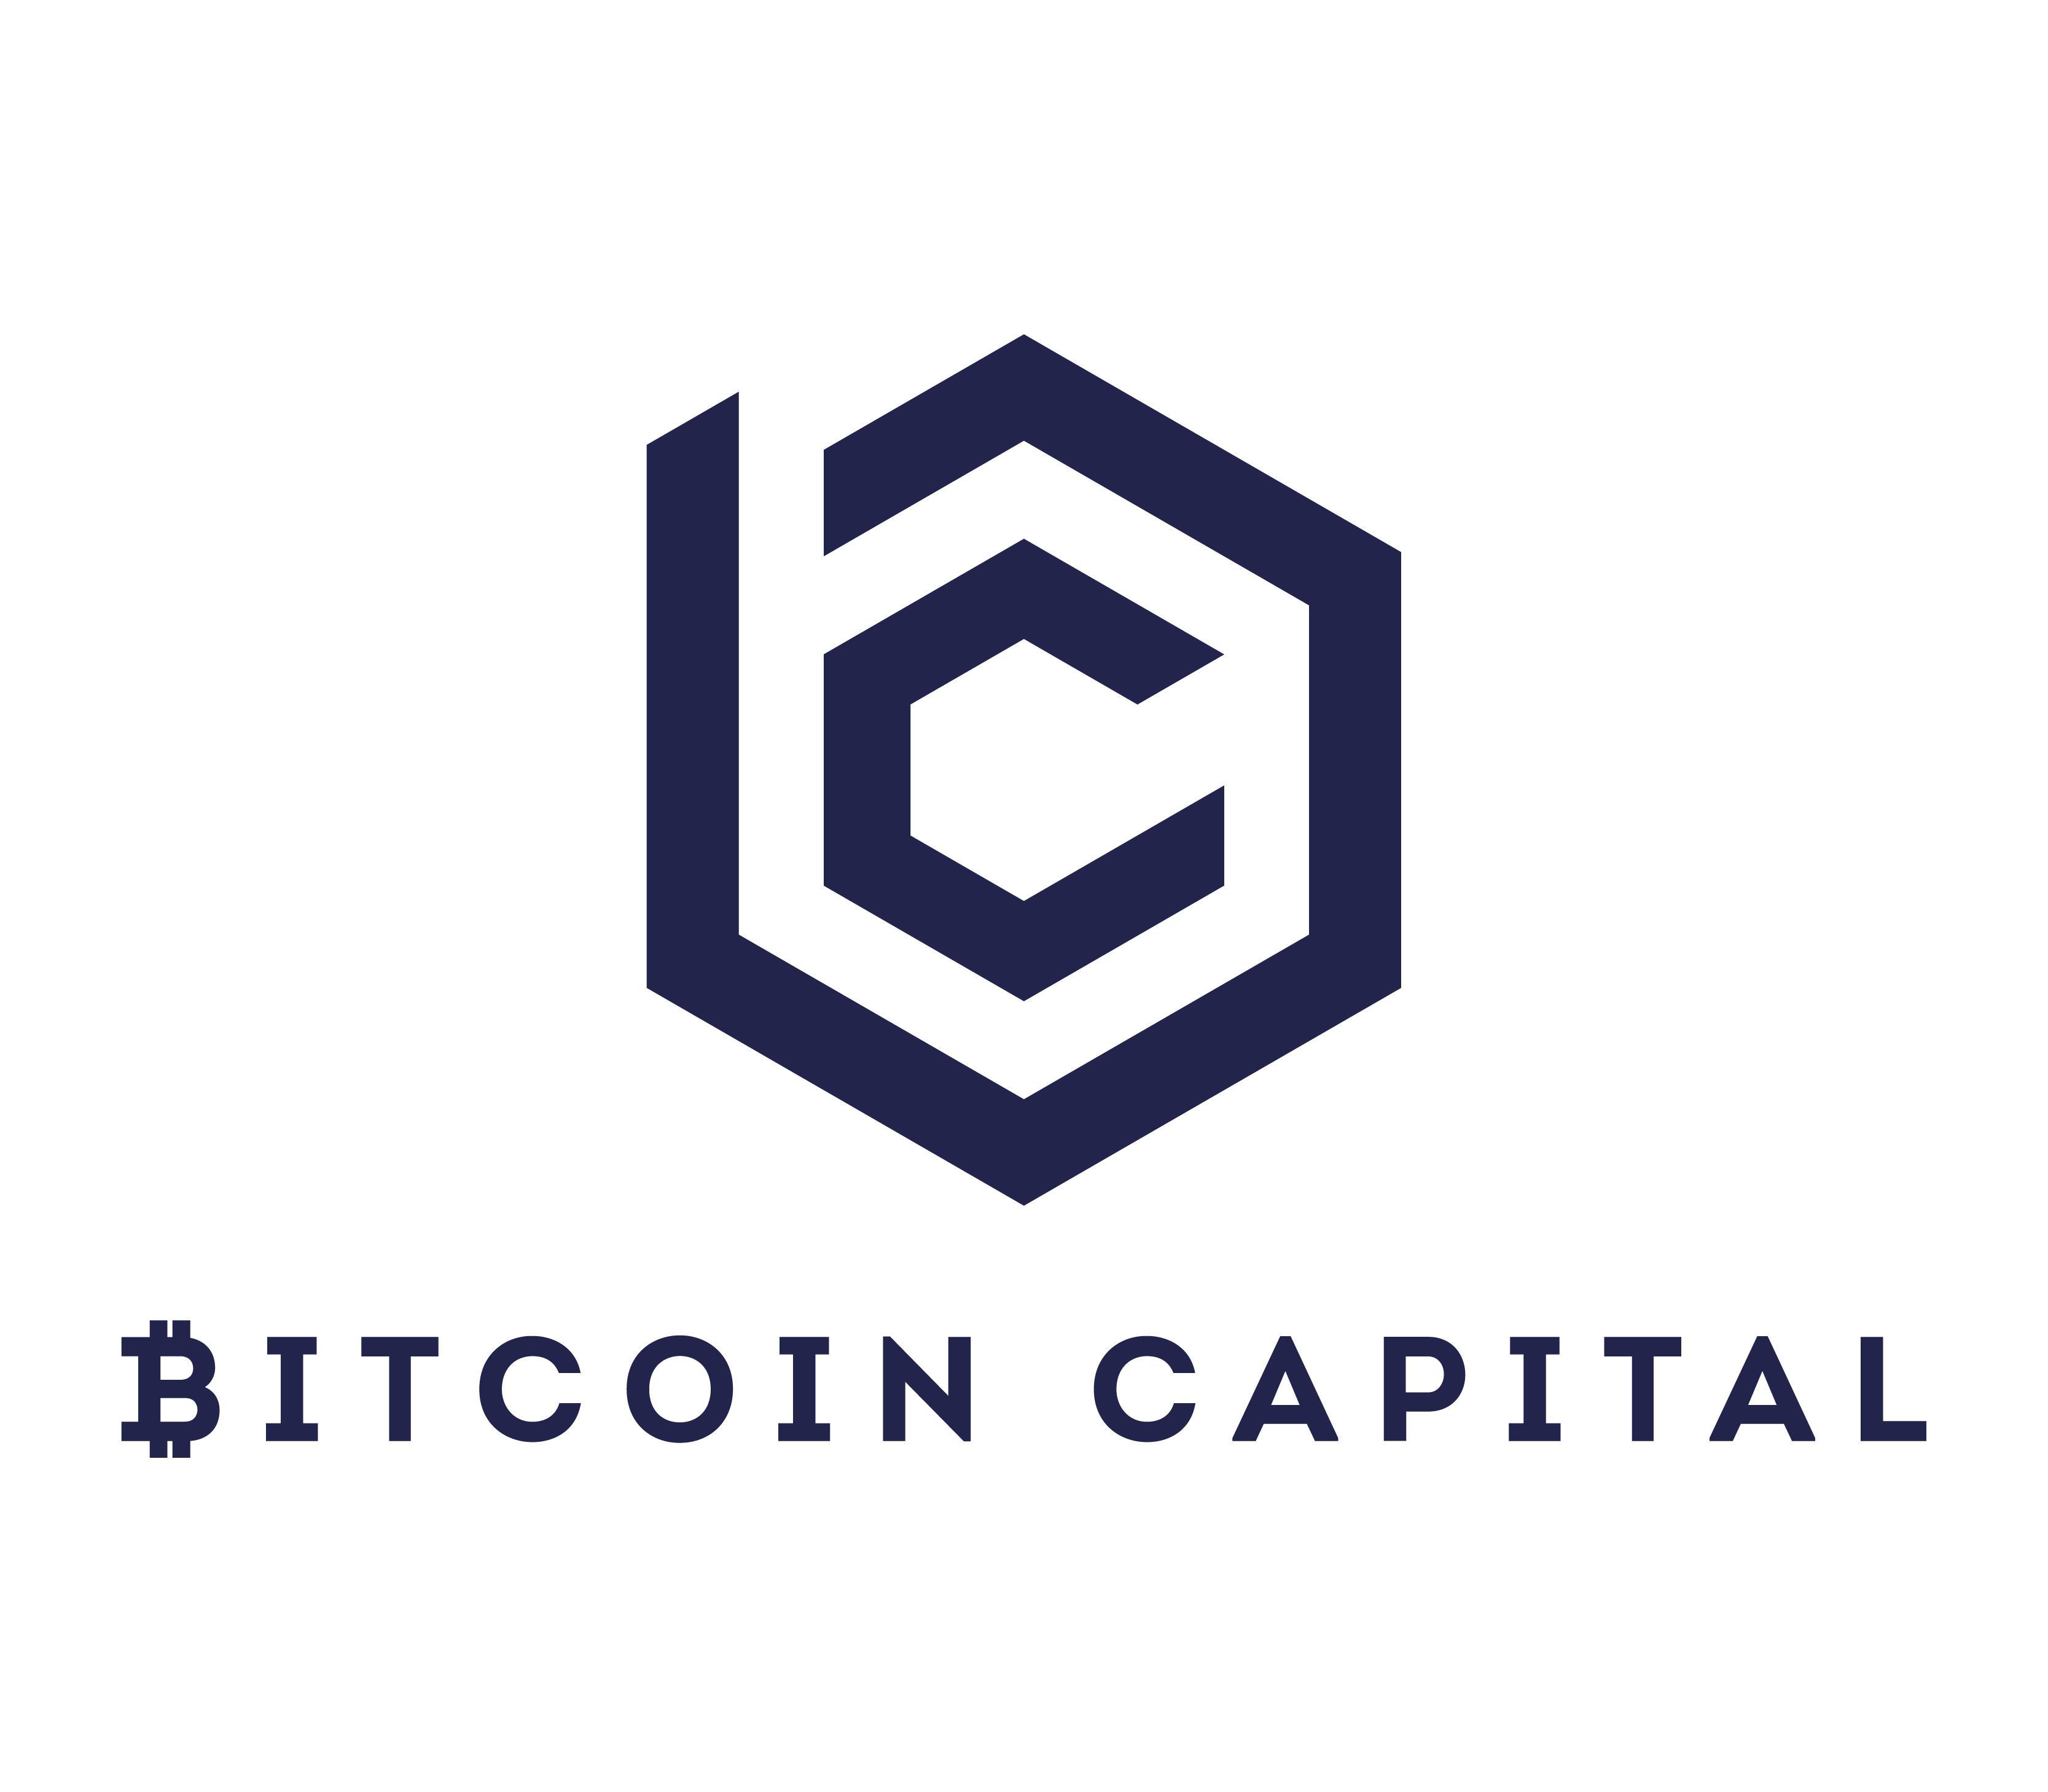 bitcoin capital